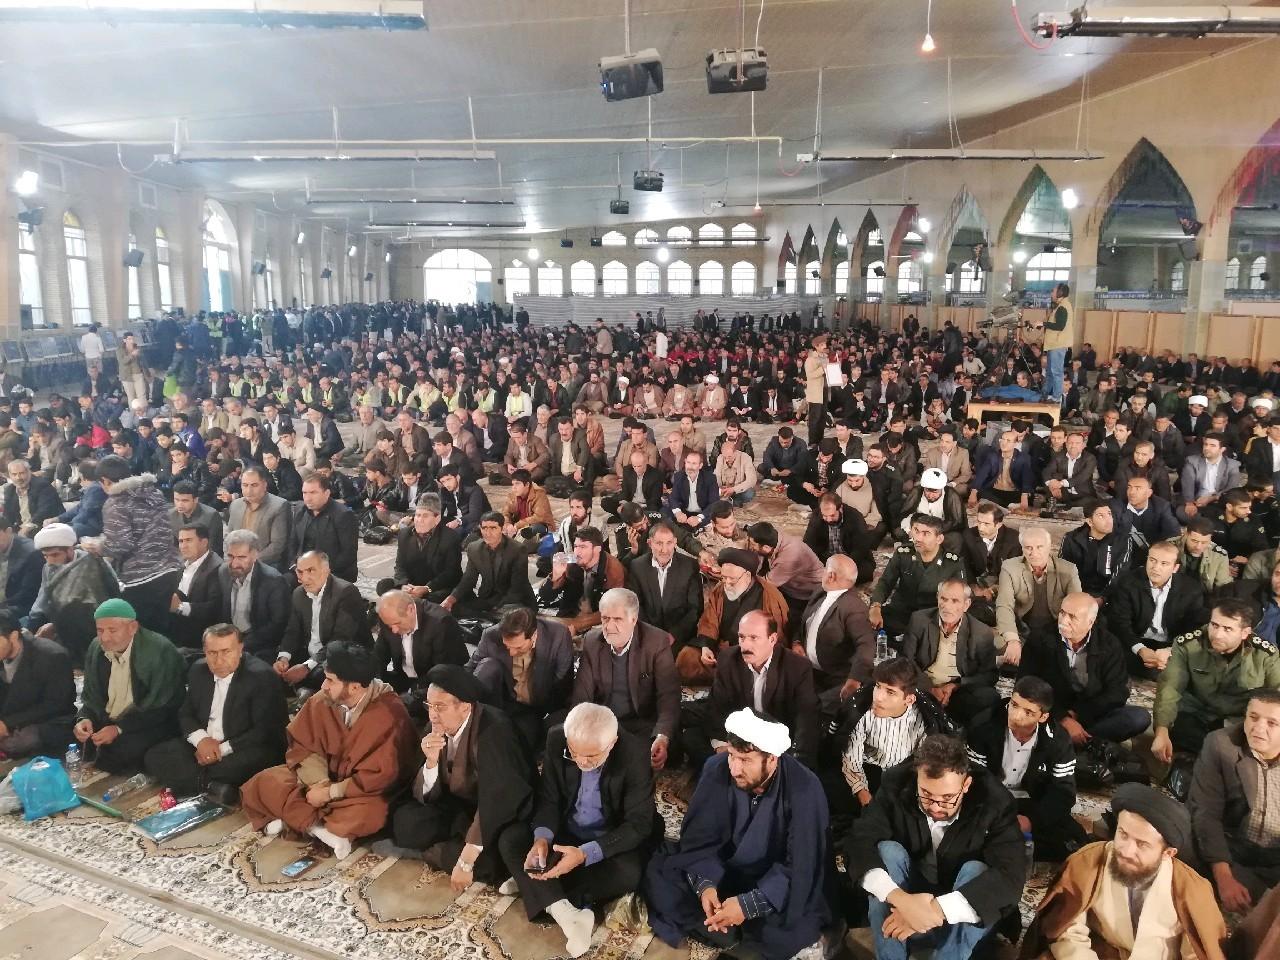 بیانات در ششمین سالگرد عروج ملکوتی عالم مجاهد آیت الله سید کرامت الله ملک حسینی در یاسوج